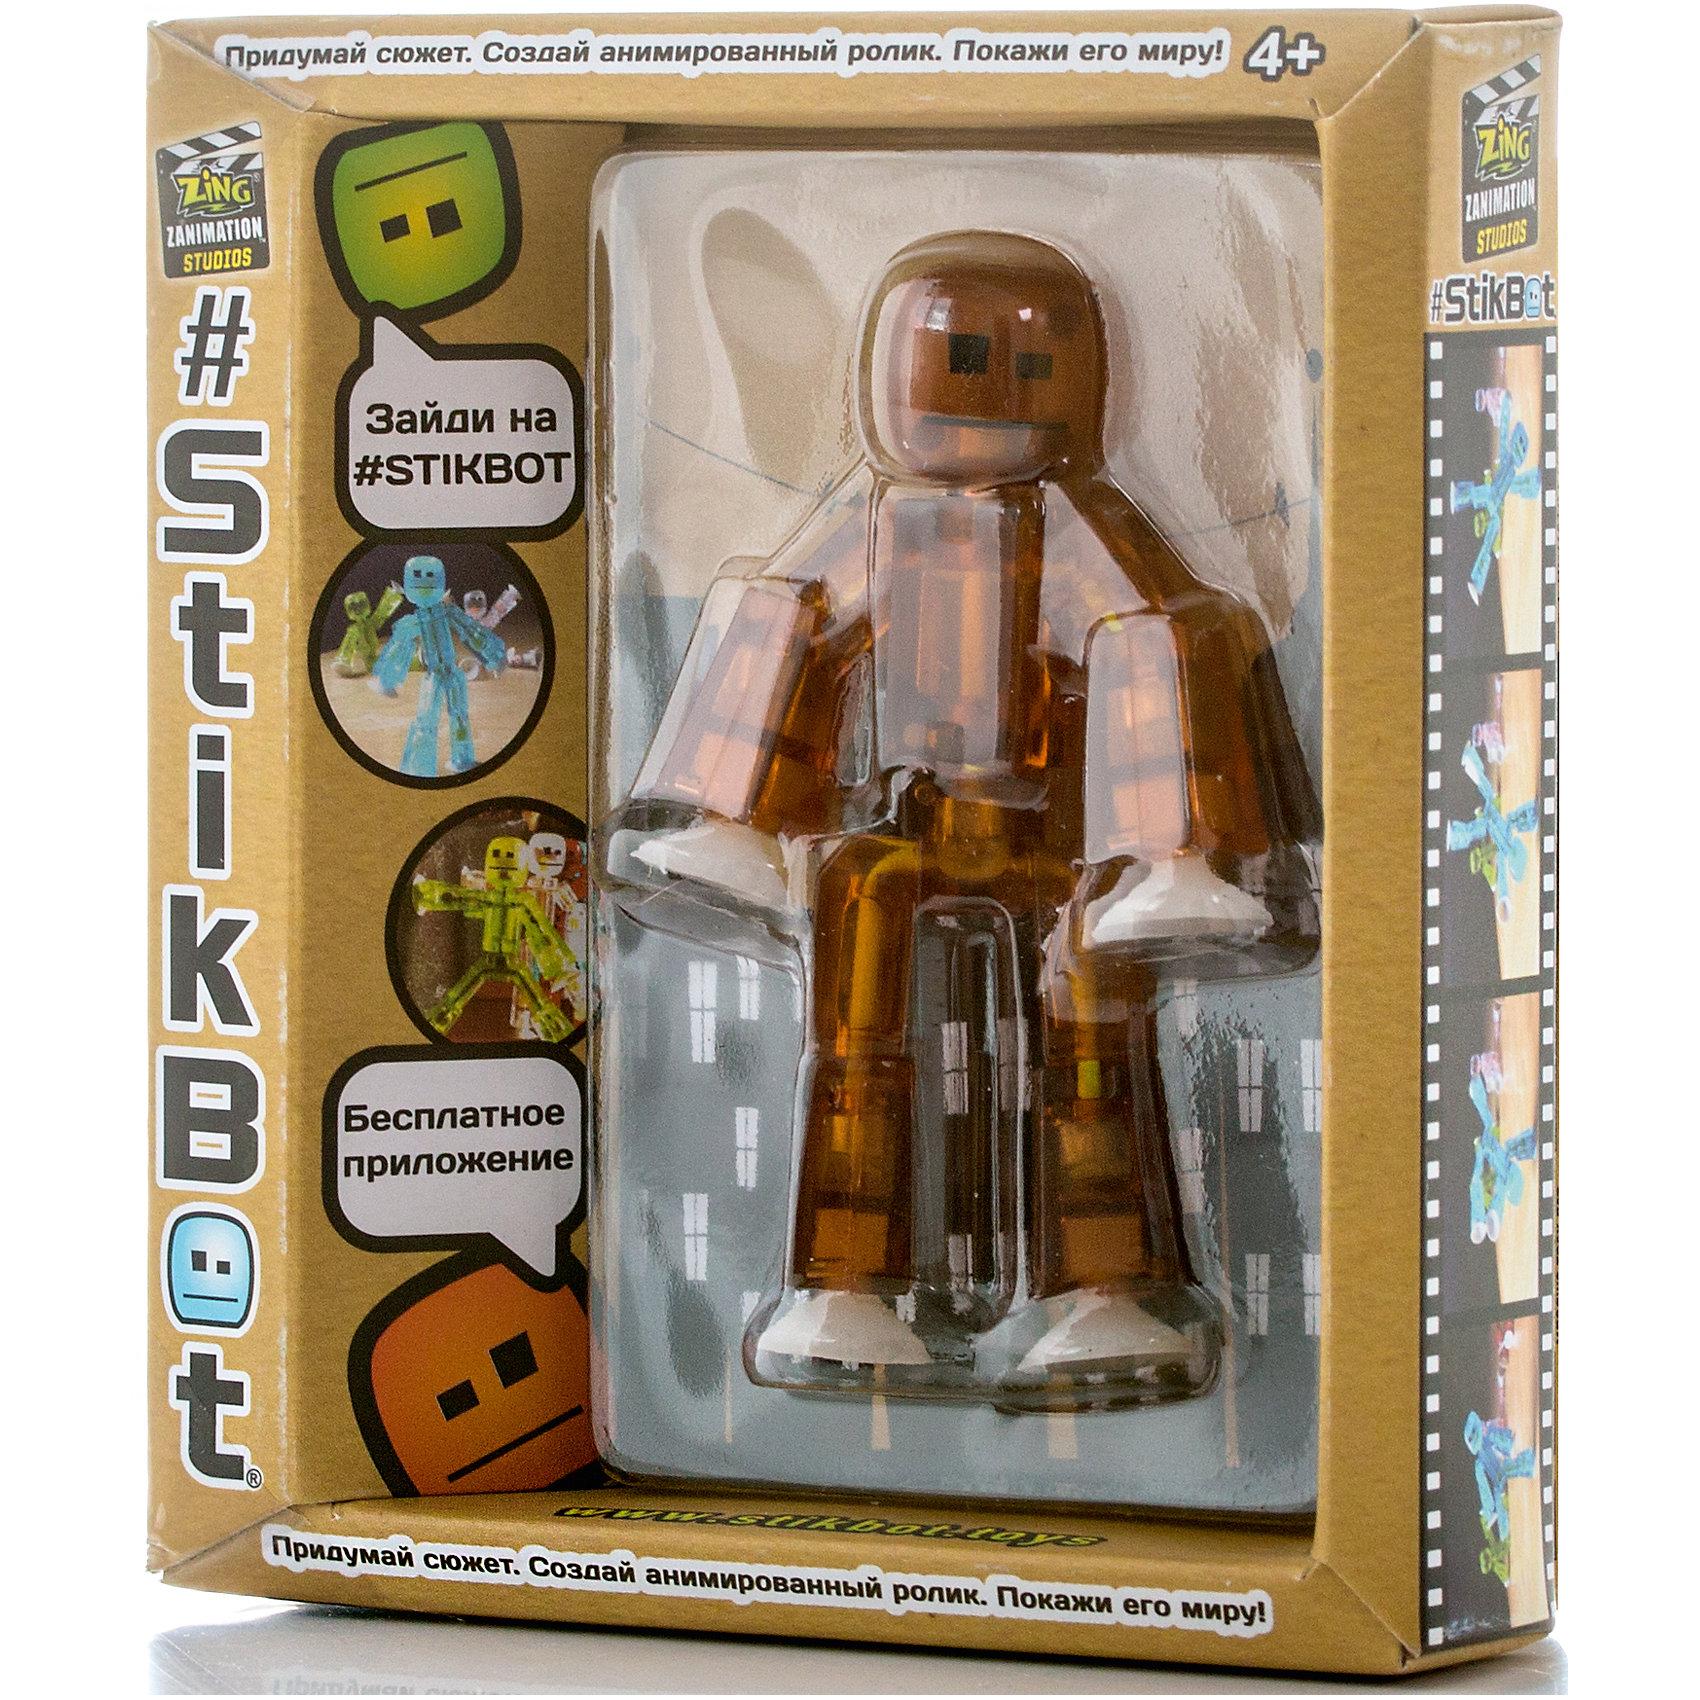 Игрушка-фигурка, коричневая, StikbotЛюбимые герои<br>Игрушка-фигурка, коричневая, Stikbot (Стикбот).<br><br>Характеристики:<br><br>• Размер упаковки: 11х2,5х12 см.<br>• Цвет: коричневый.<br>• Материал: пластик.<br><br>Уникальные фигурки стикботы помогут вам создавать забавные видеоролики, используя специальное приложение для мобильных устройств, которое можно скачать бесплатно на App Store и Google Play. Игрушка выполнена из полупрозрачного пластика. Уникальная конструкция человечков позволяют придавать им различные позы и фиксировать их в таком положении. На руках и ногах фигурок находятся присоски, с их помощью вы можете крепить человечков к любым плоским поверхностям.<br><br>Игрушку-фигурку, коричневую, Stikbot (Стикбот), можно купить в нашем интернет- магазине.<br><br>Ширина мм: 30<br>Глубина мм: 140<br>Высота мм: 110<br>Вес г: 63<br>Возраст от месяцев: 36<br>Возраст до месяцев: 2147483647<br>Пол: Унисекс<br>Возраст: Детский<br>SKU: 5210630